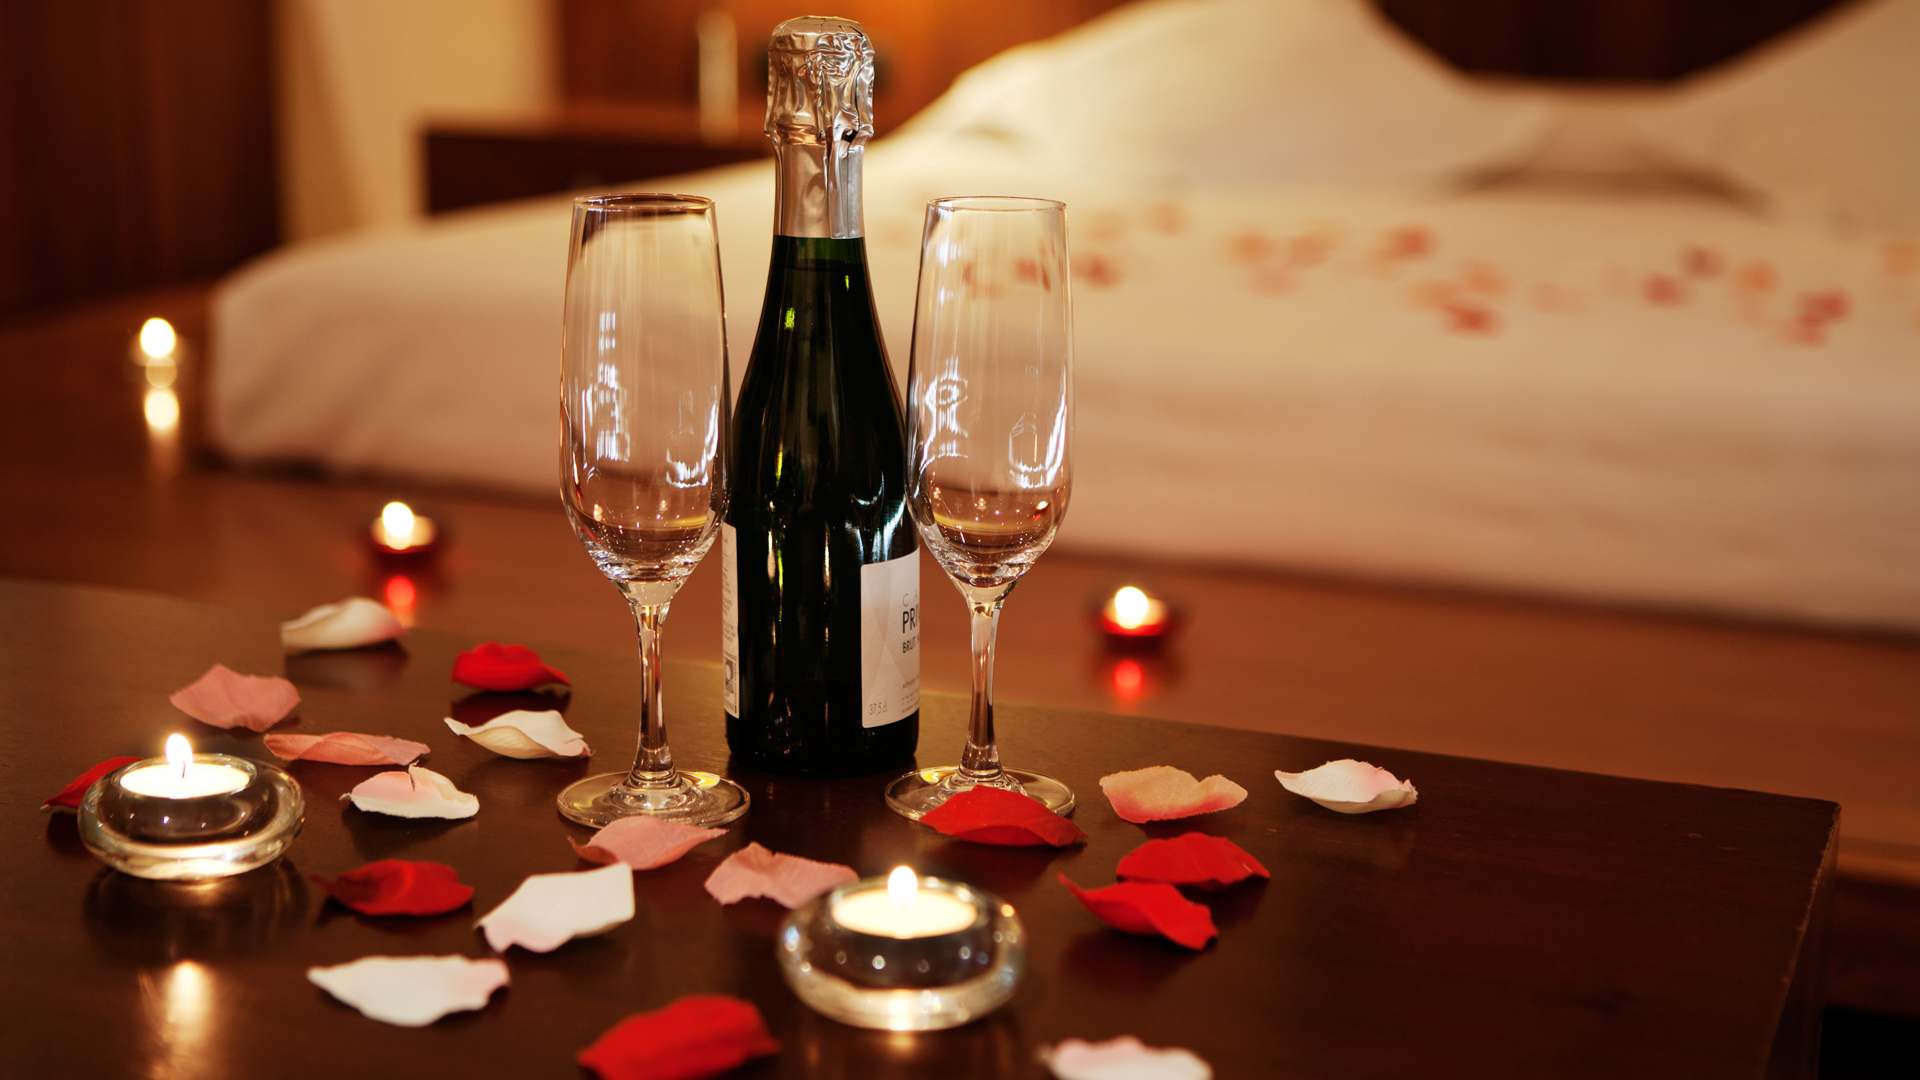 Как устроить романтический вечер мужу? Интересные идеи 84